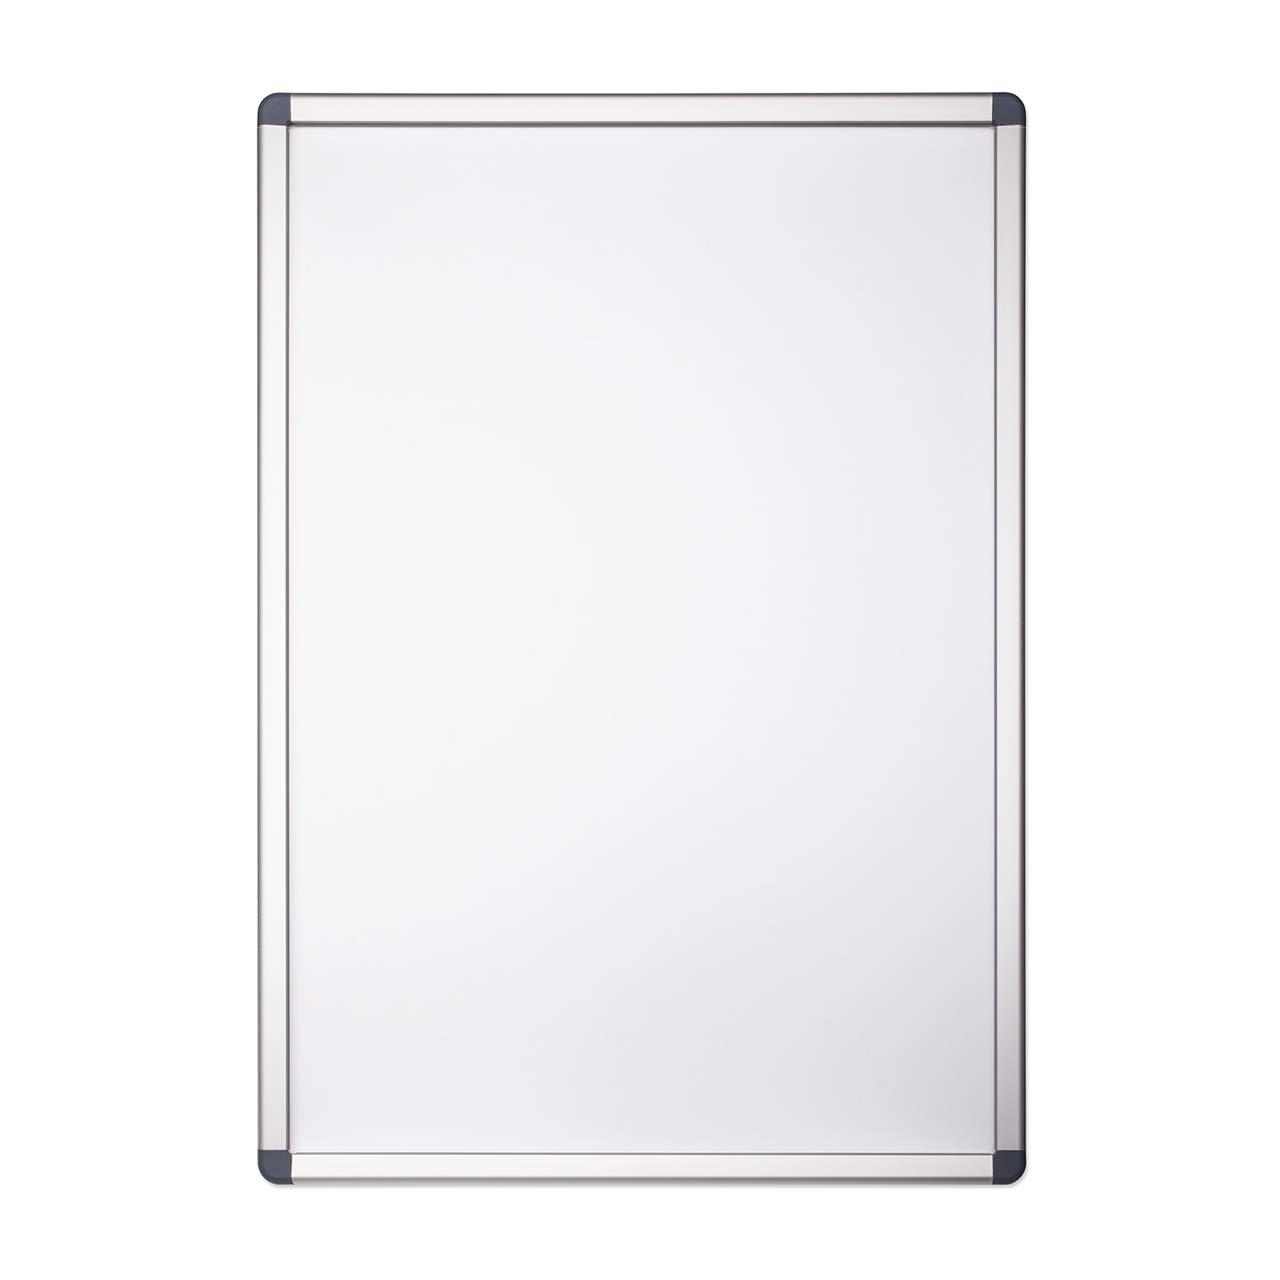 Alu-Plakatrahmen DIN A0 (841 x 1189 mm)   Plakatrahmen DIN A0 ...